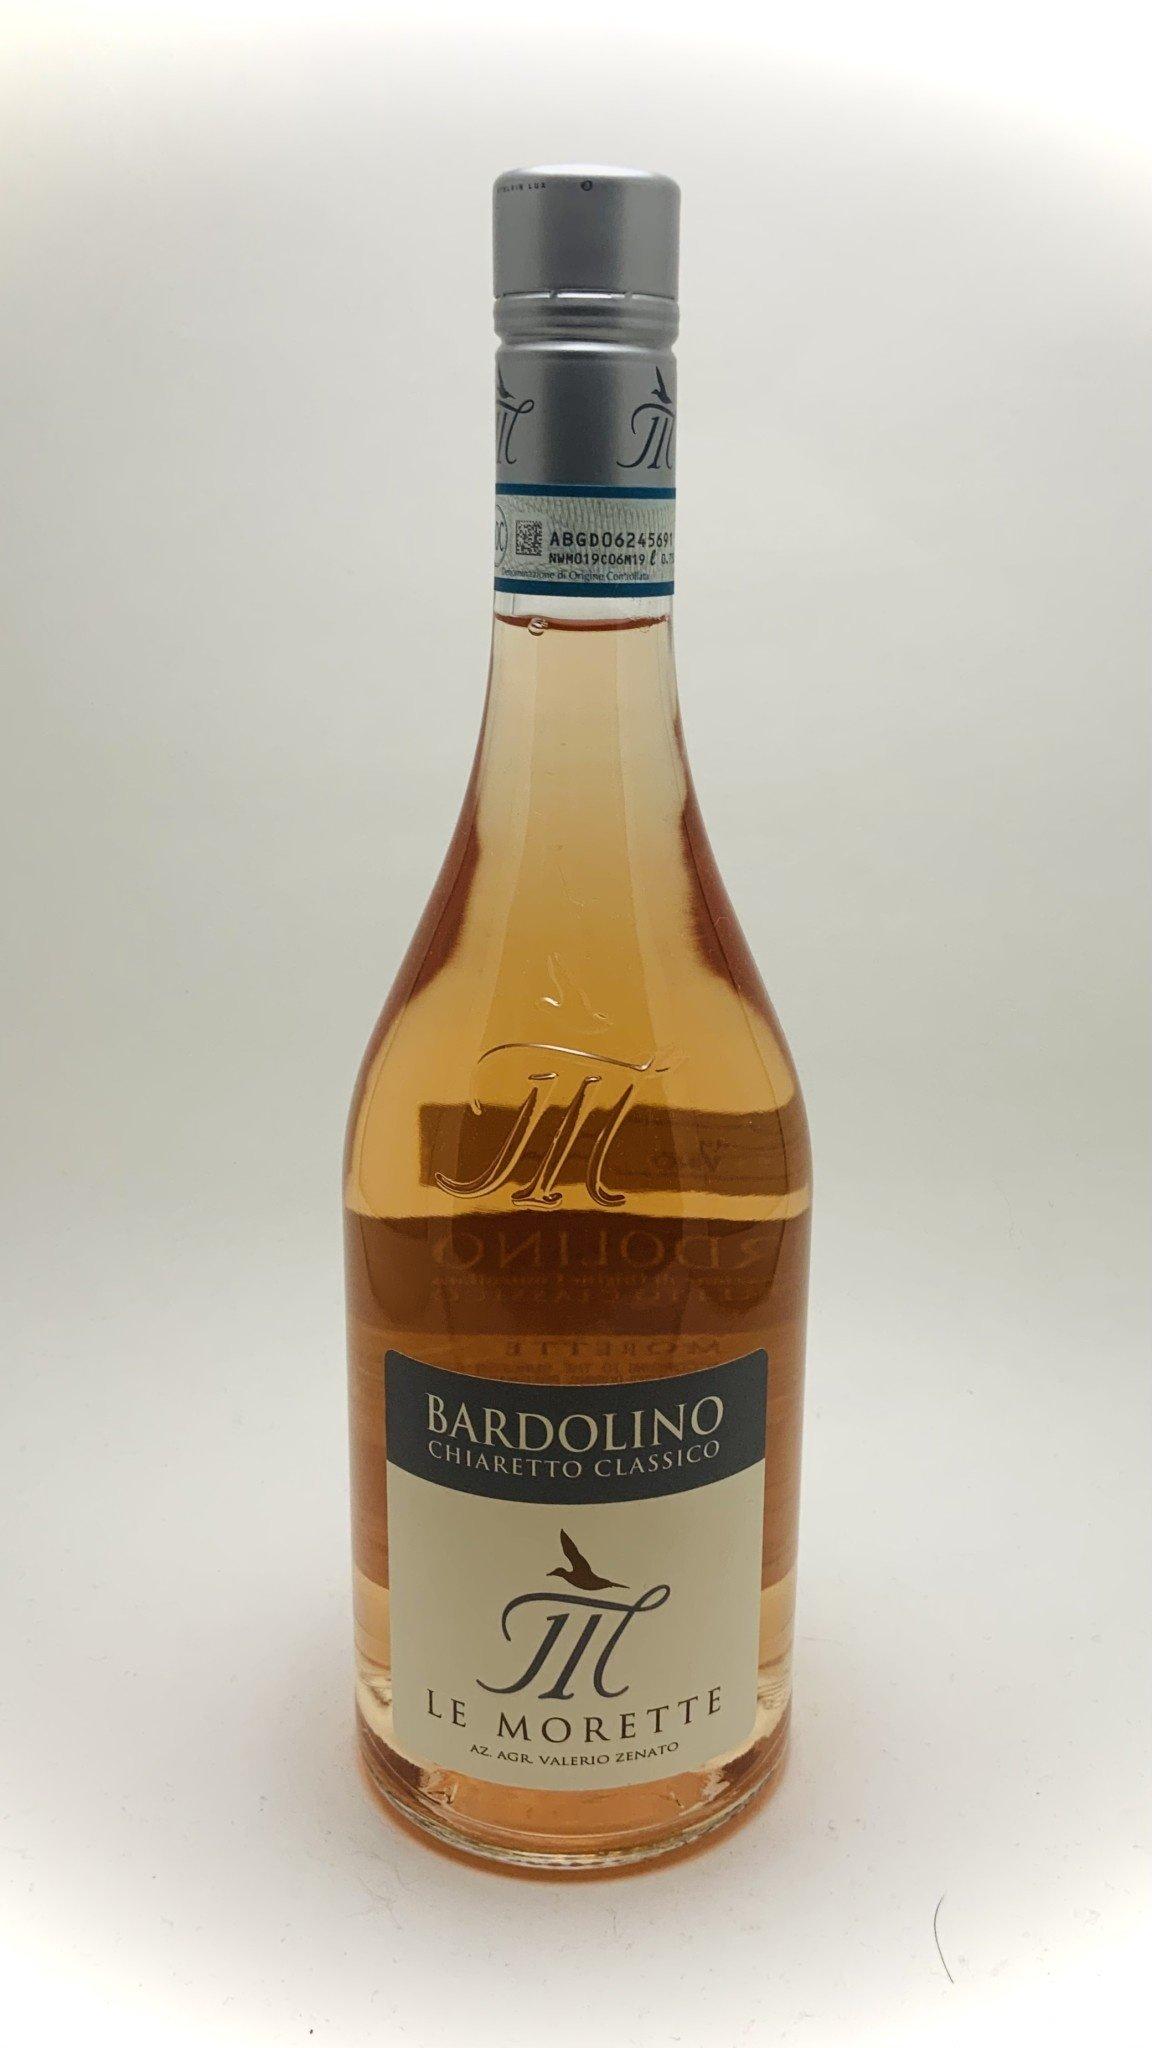 Le Morette Chiaretto Rosé Bardolino Veneto Italy 2018